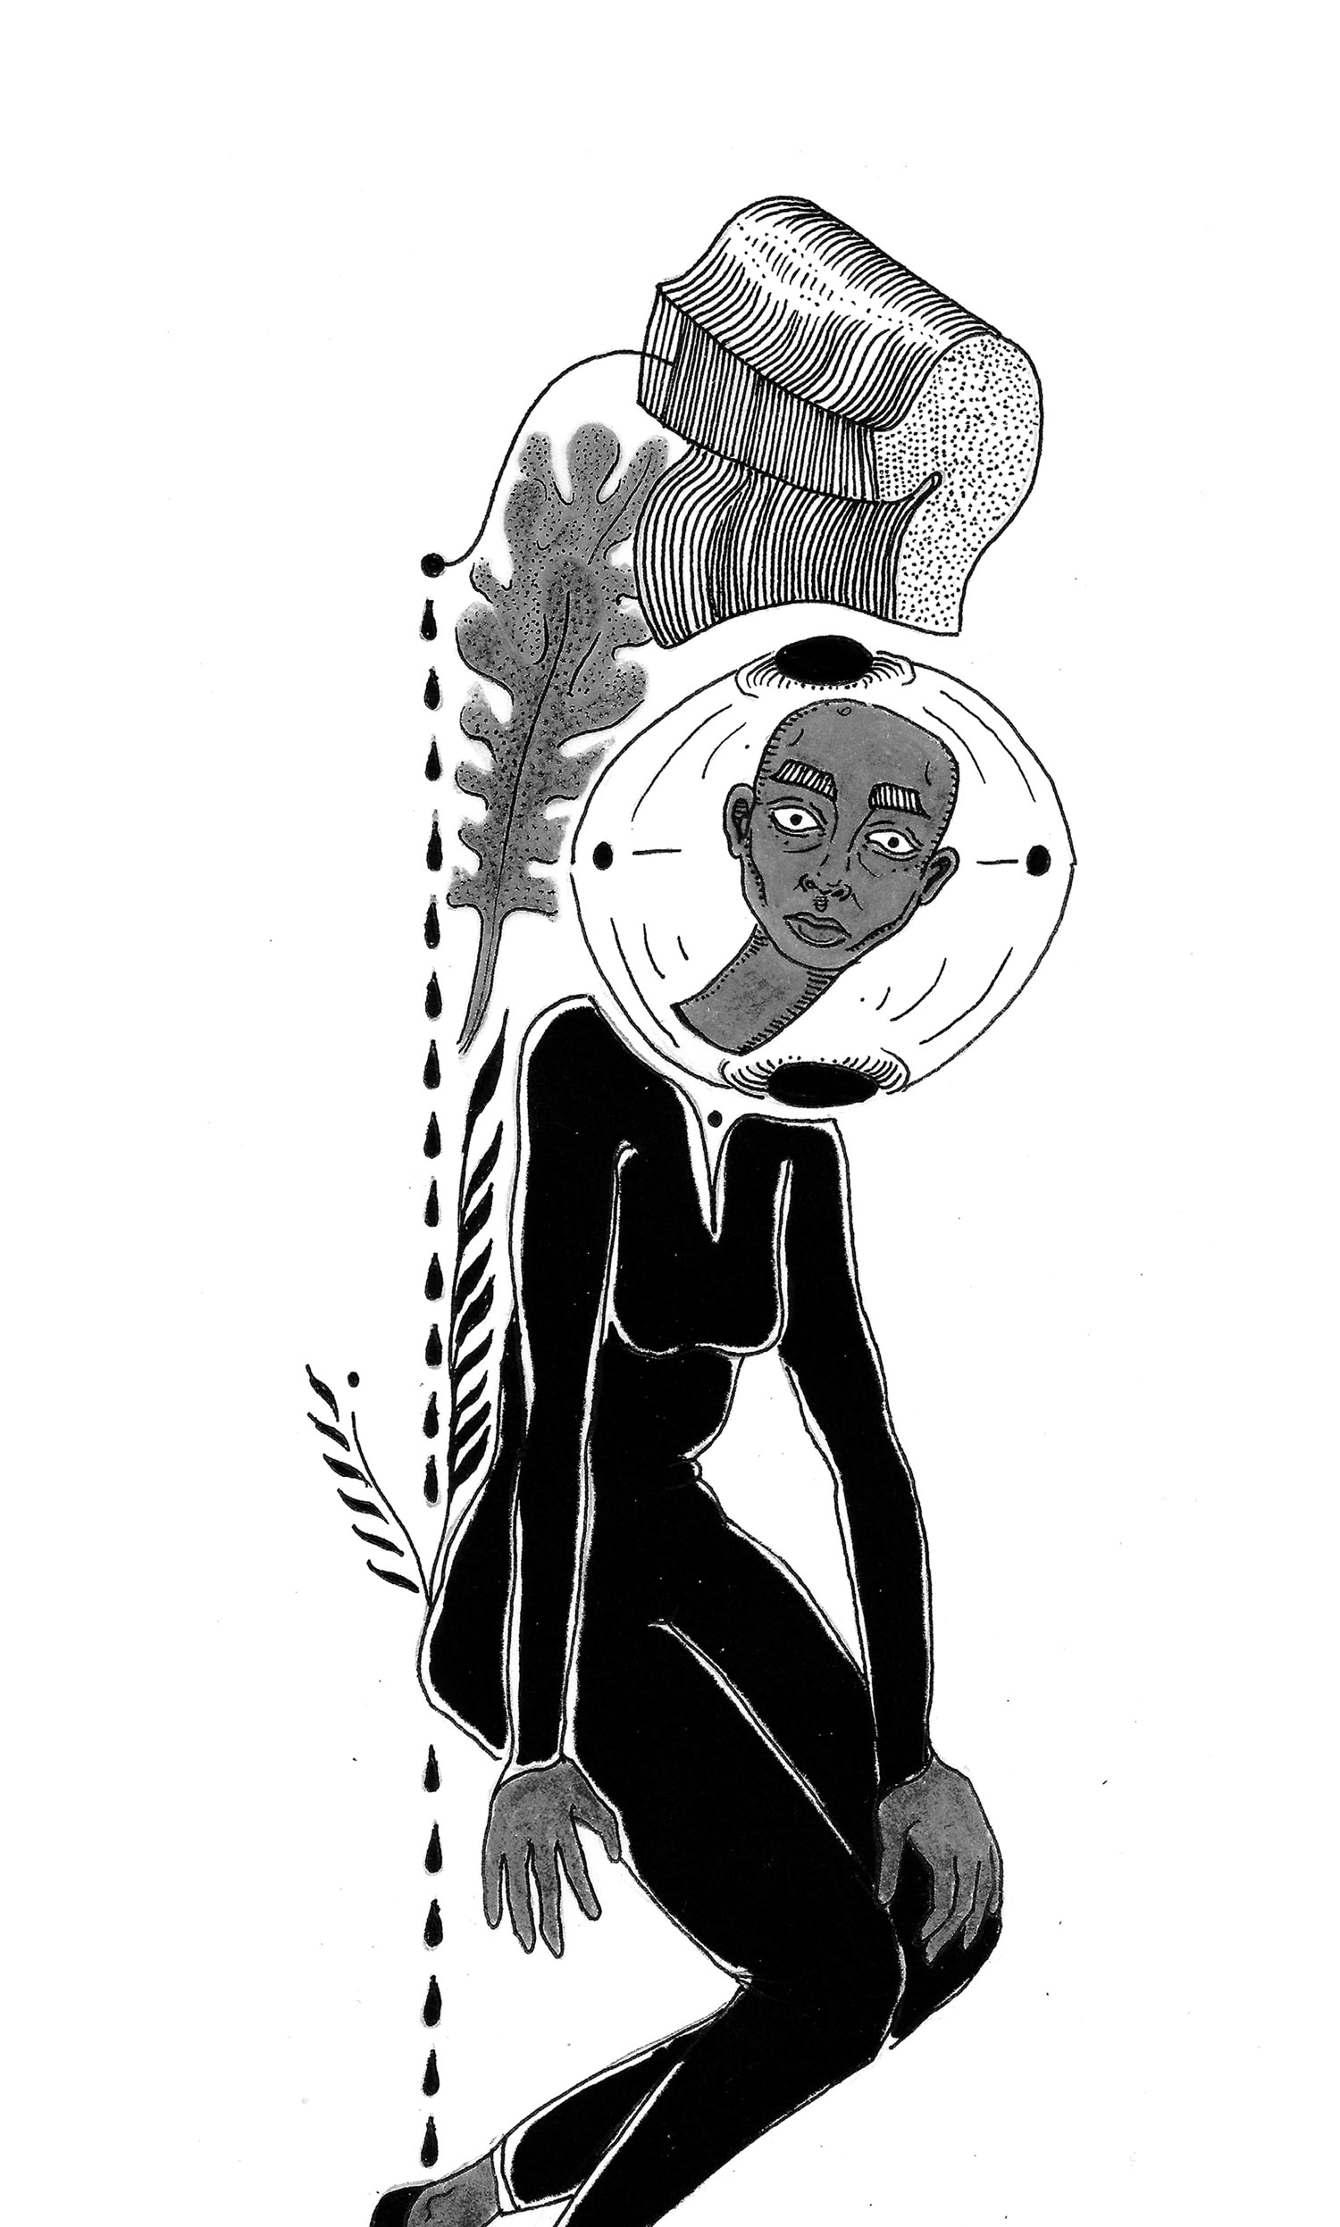 archivado bajo Espacio, Tiempo, y Dibujos Animados